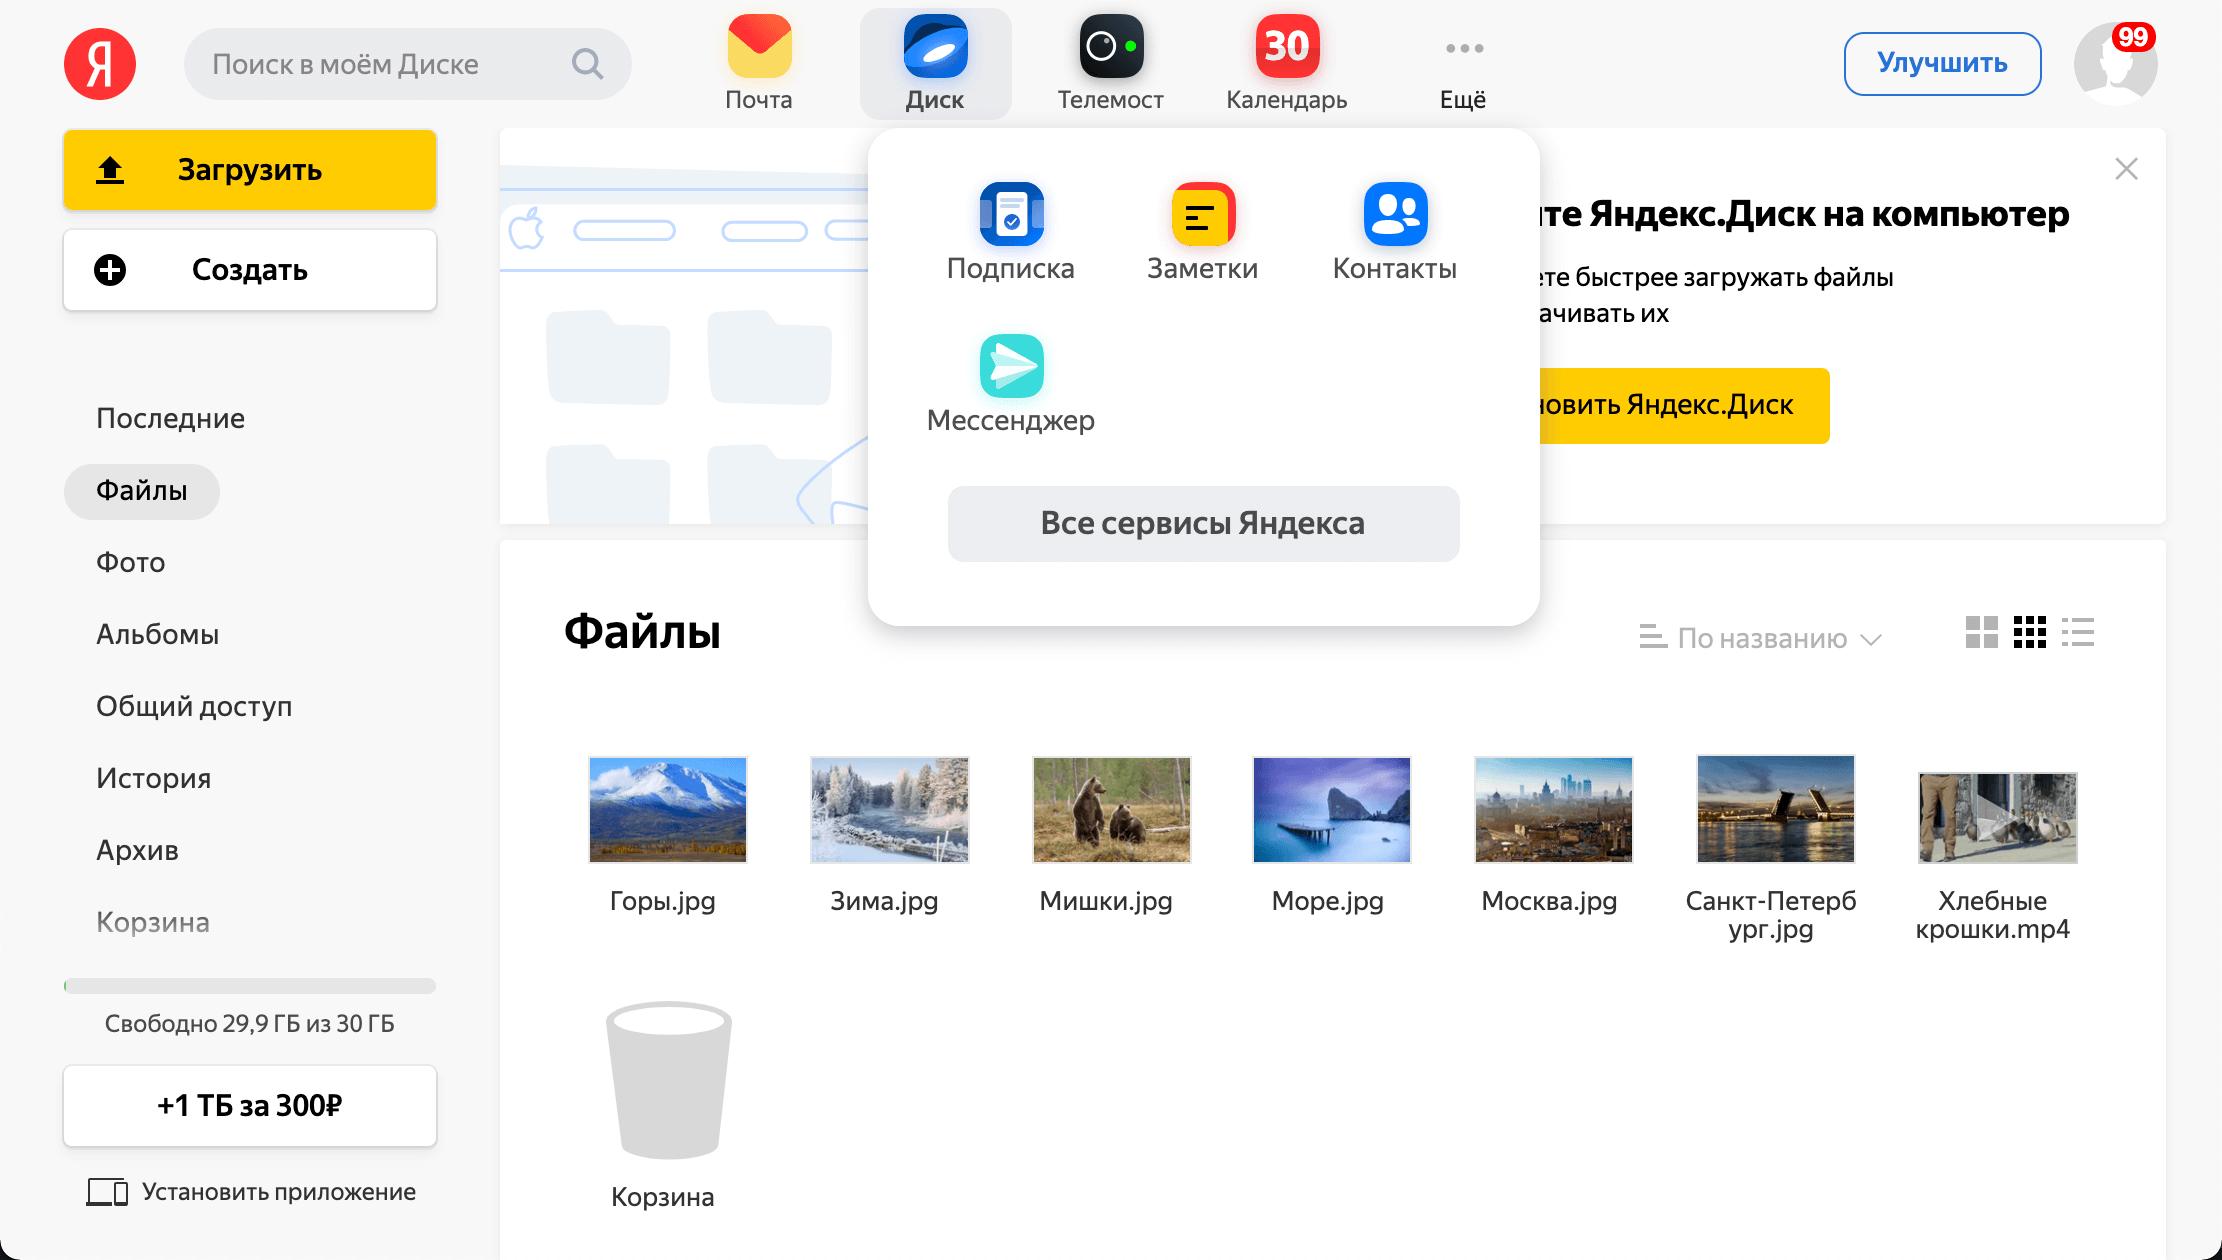 Nhận Thêm 20gb Từ Yandex